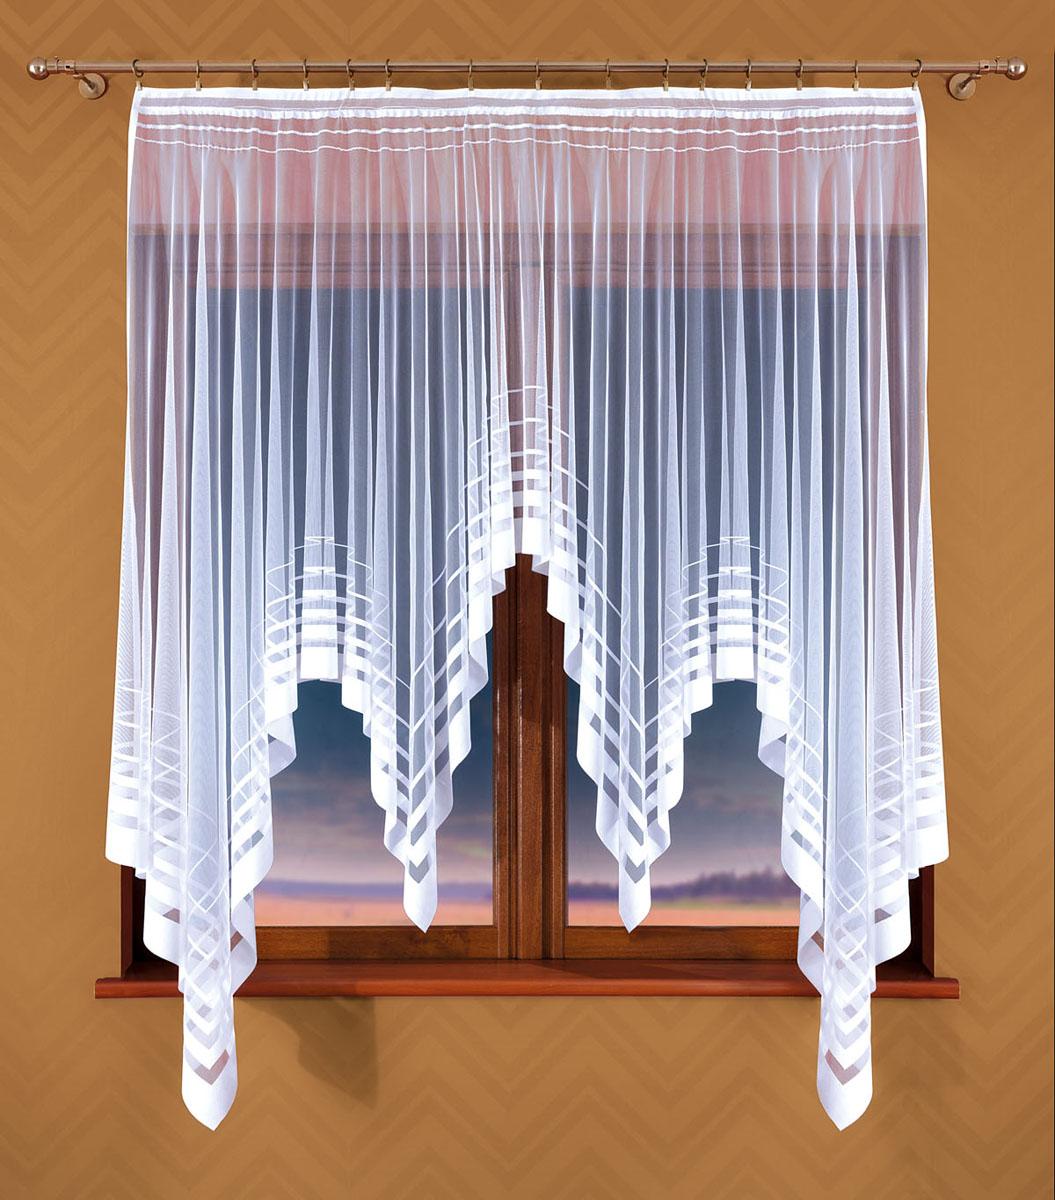 Гардина Wisan, цвет: белый, ширина 170 см, высота 170 см359ЕГардина жаккардовая, крепление зажимы для штор. Размеры: ширина 170*170